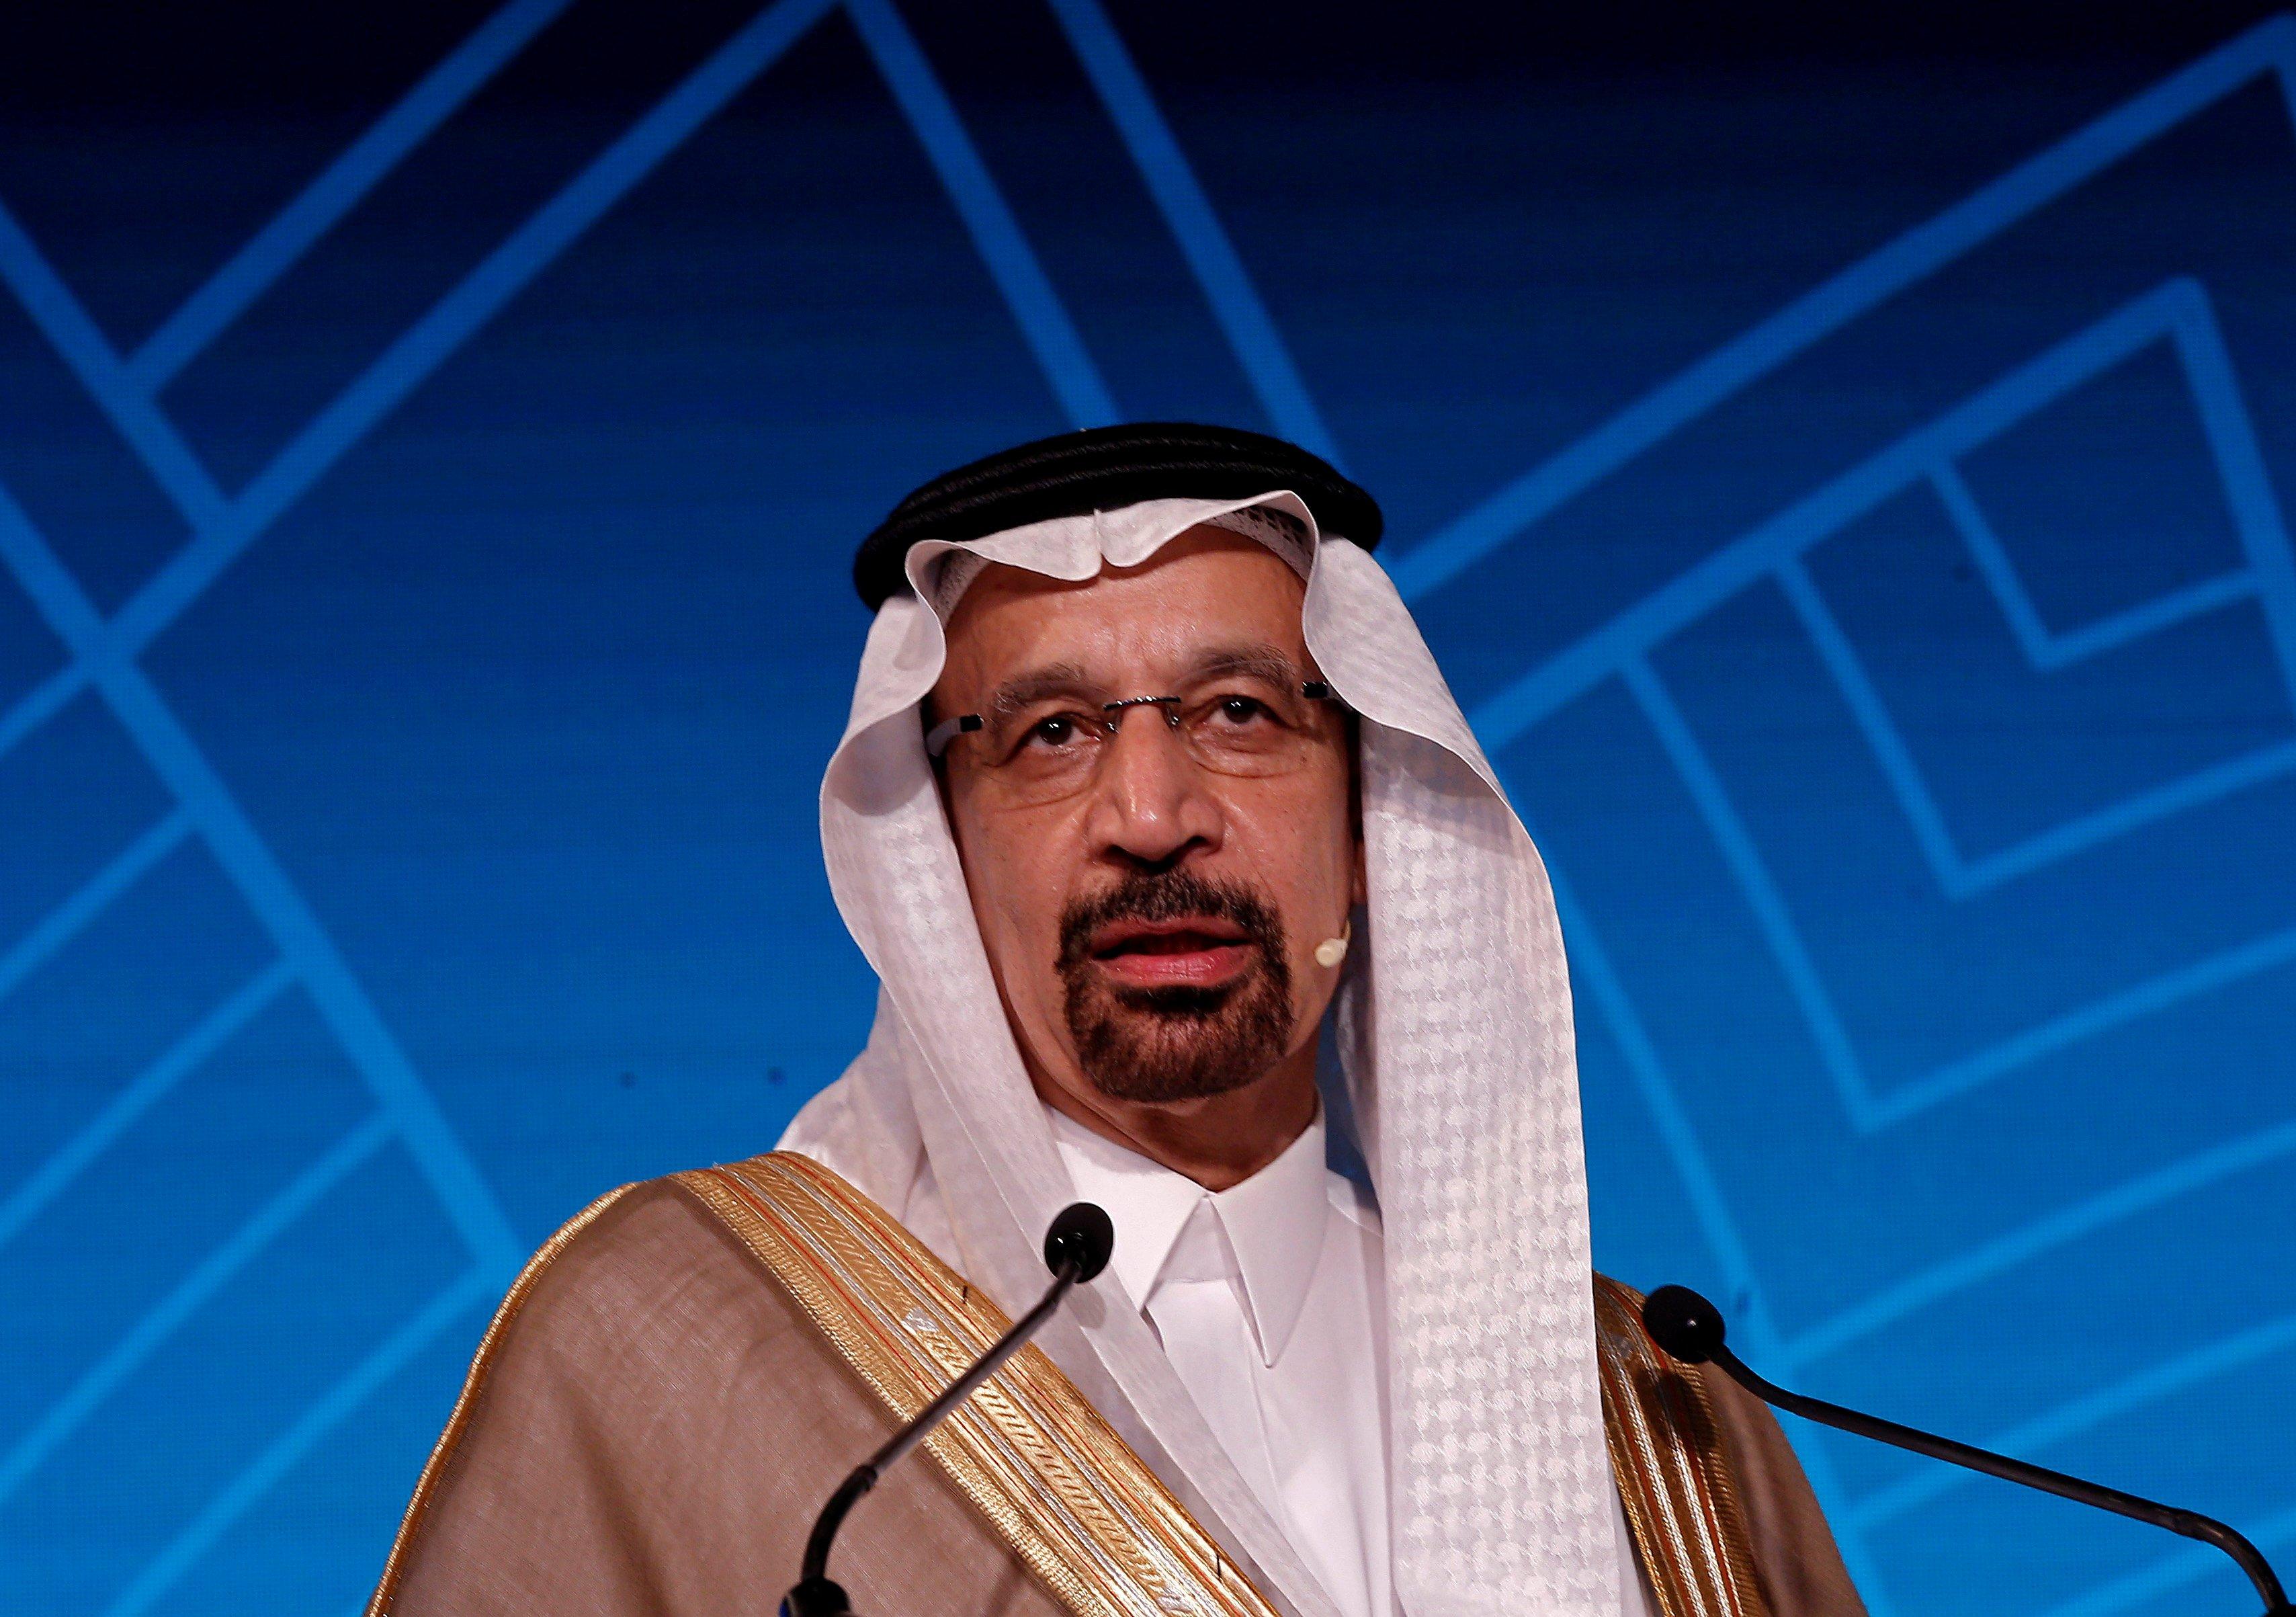 الفالح: إنتاج السعودية النفطي سينخفض إلى 9.8 مليون برميل يوميا في مارس